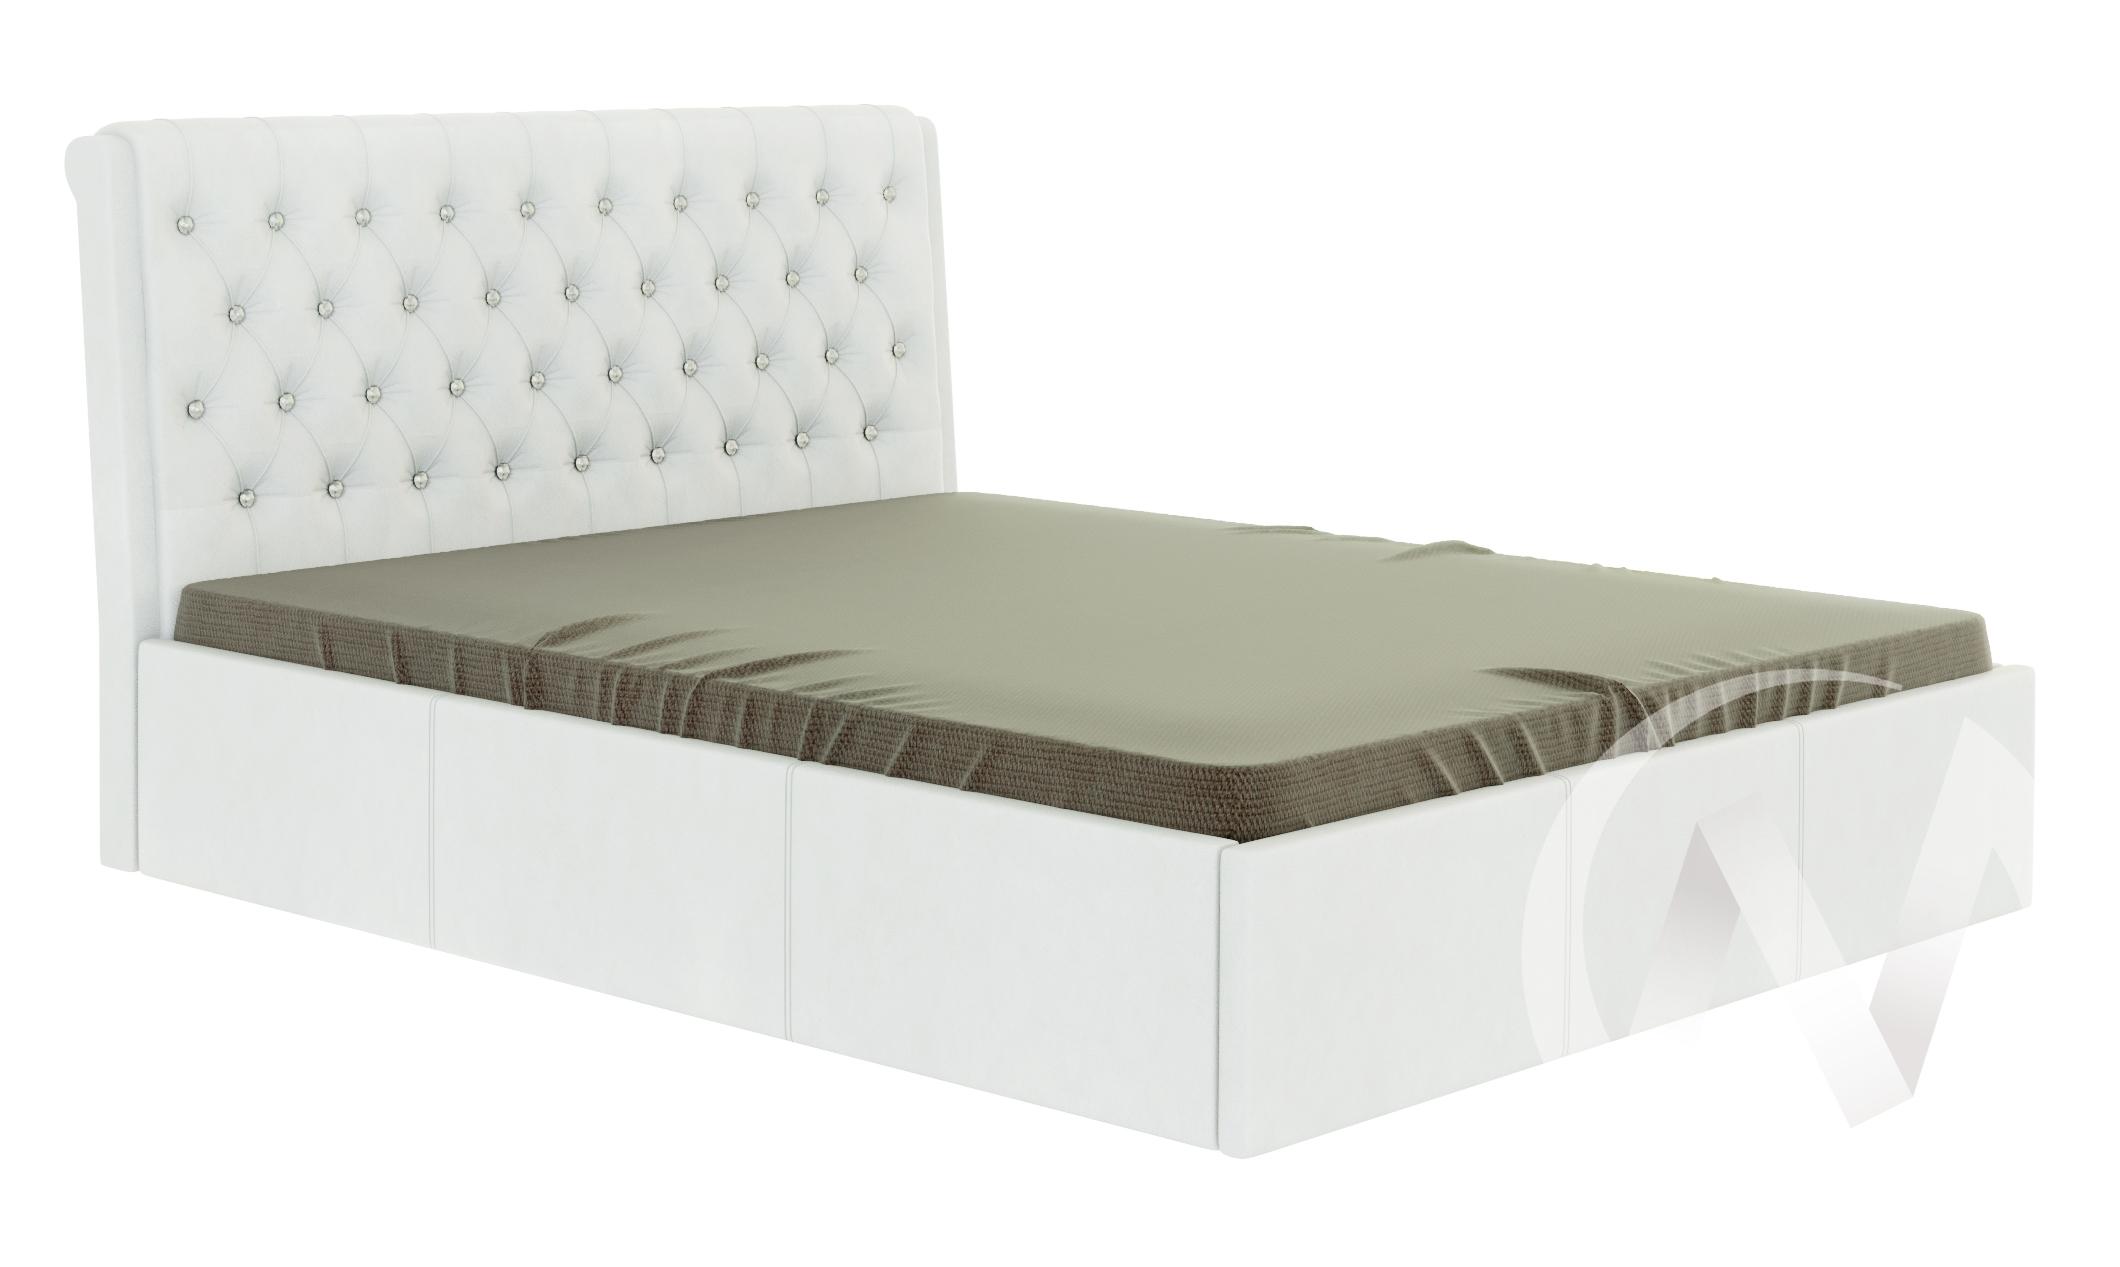 Кровать Прима 1,6 с подъемным механизмом (белый)  в Томске — интернет магазин МИРА-мебель